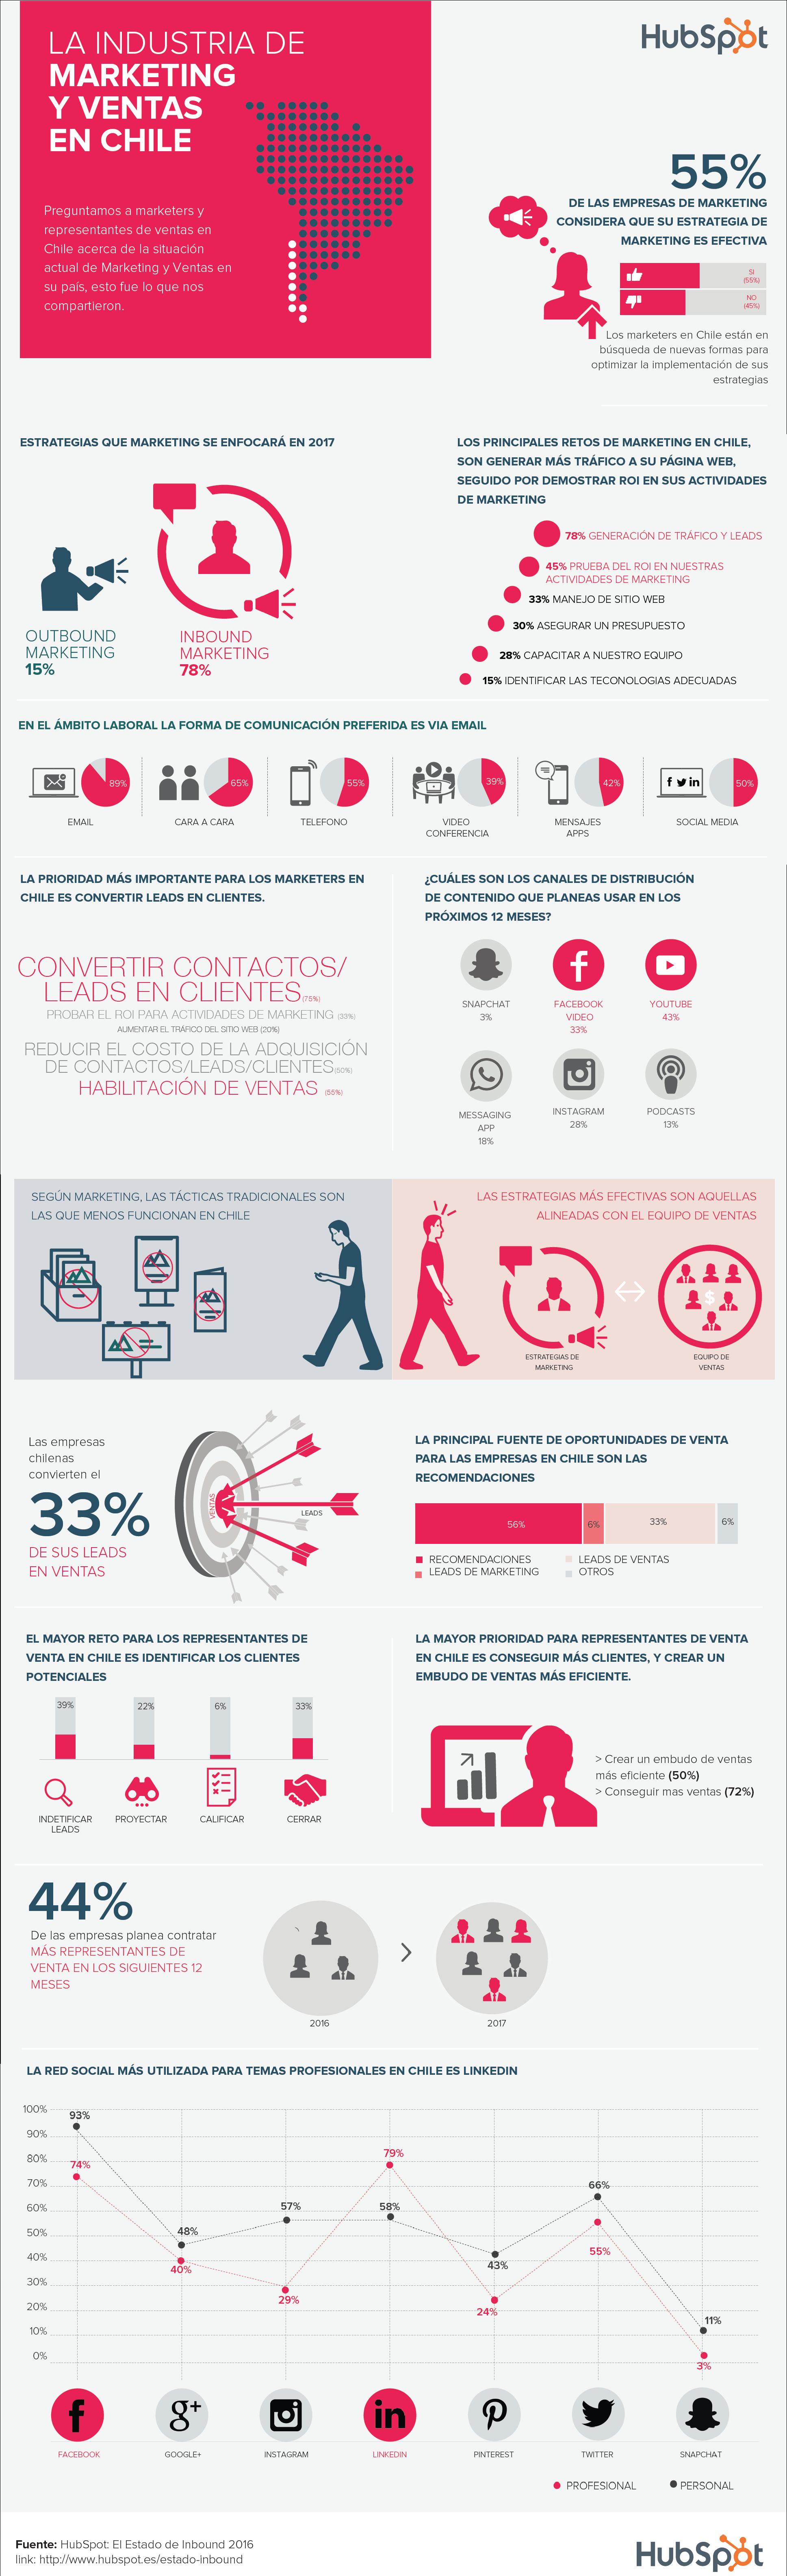 La industria del marketing y ventas en Chile #infografia #infographic #marketing